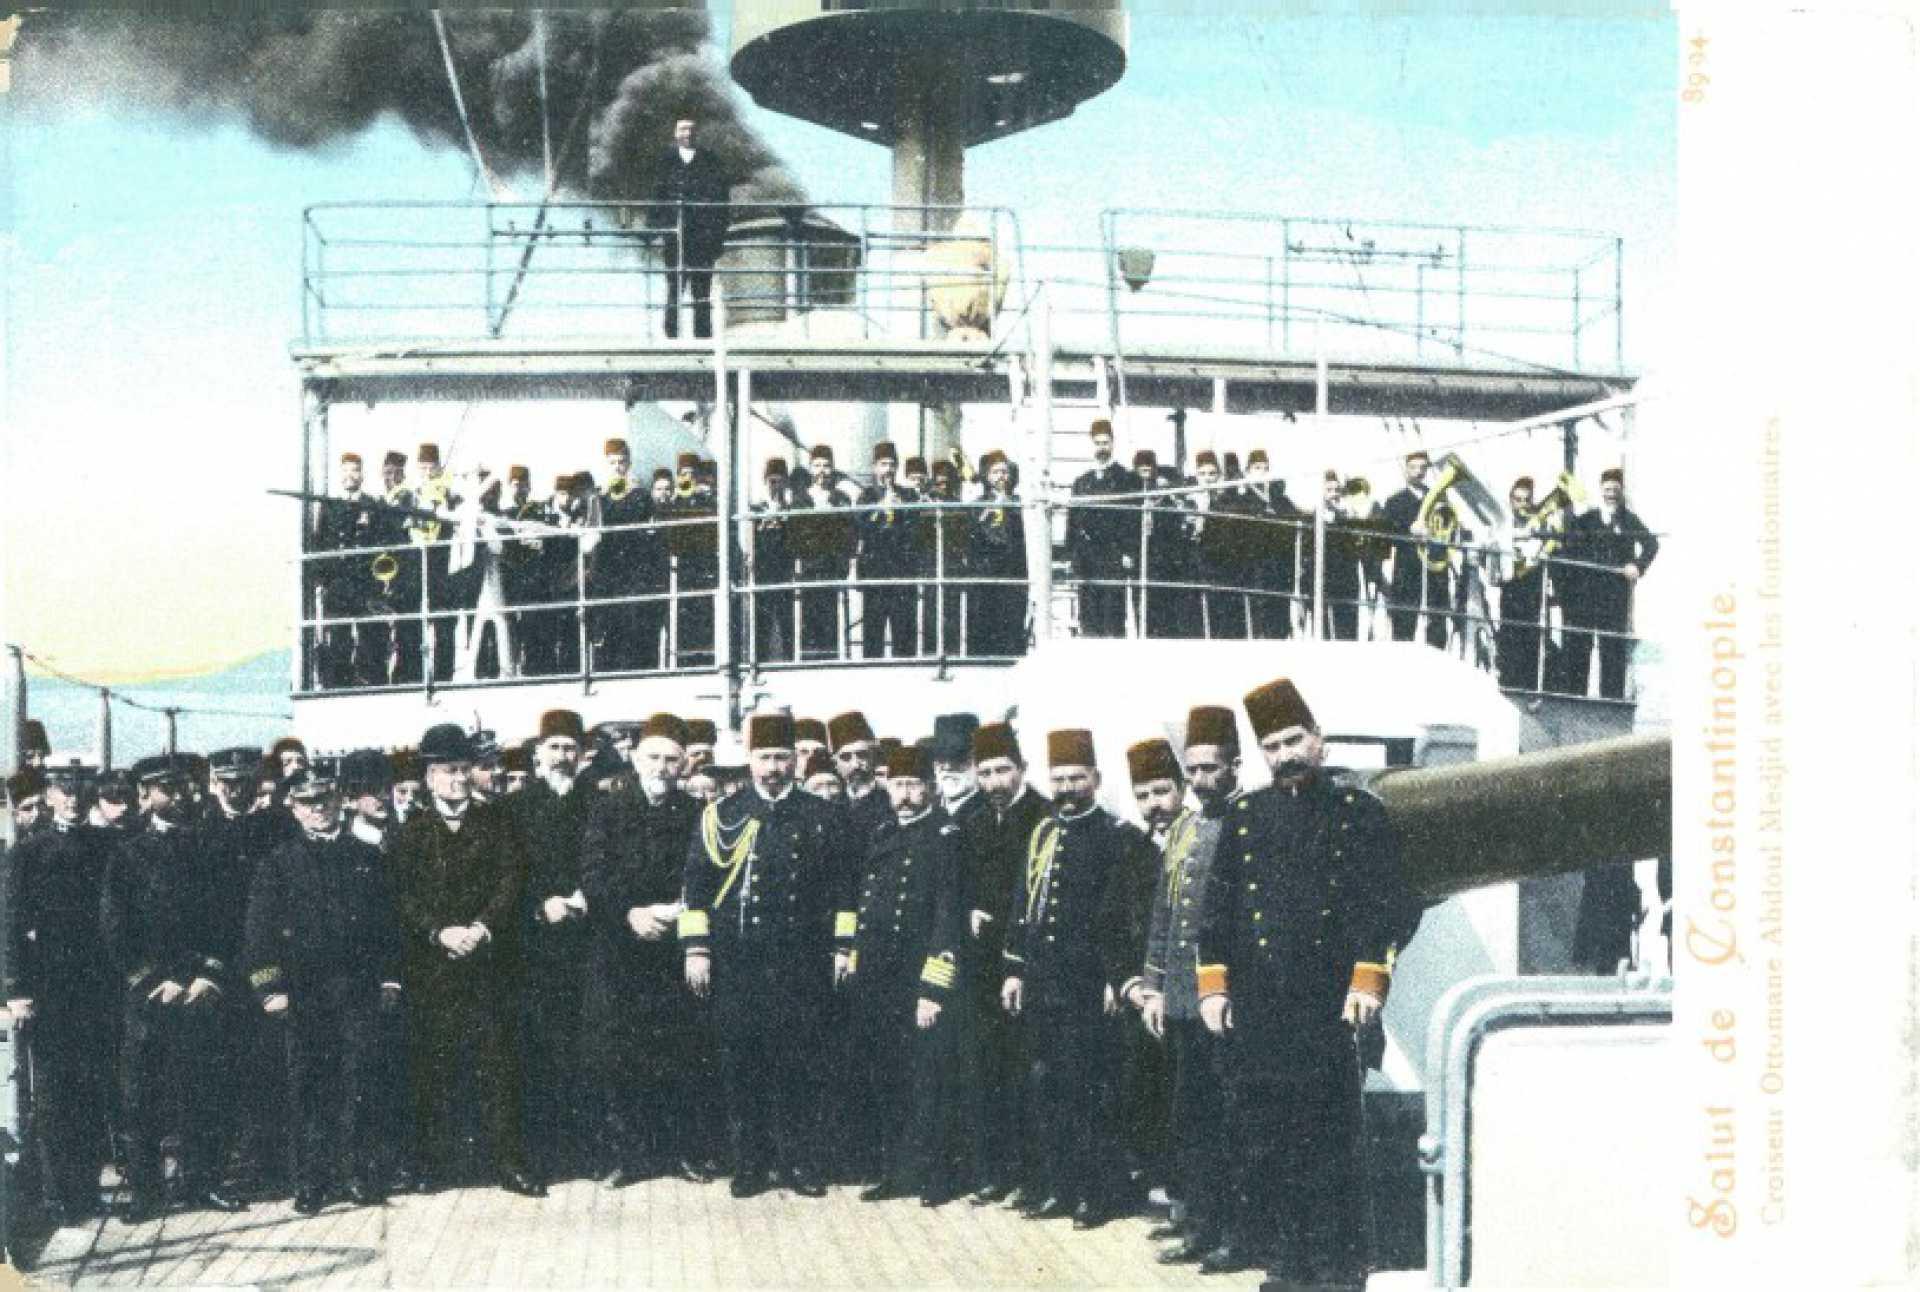 Salut de Constantinople. Croiseur Ottomane Abdoul Medjid avec les functionaires